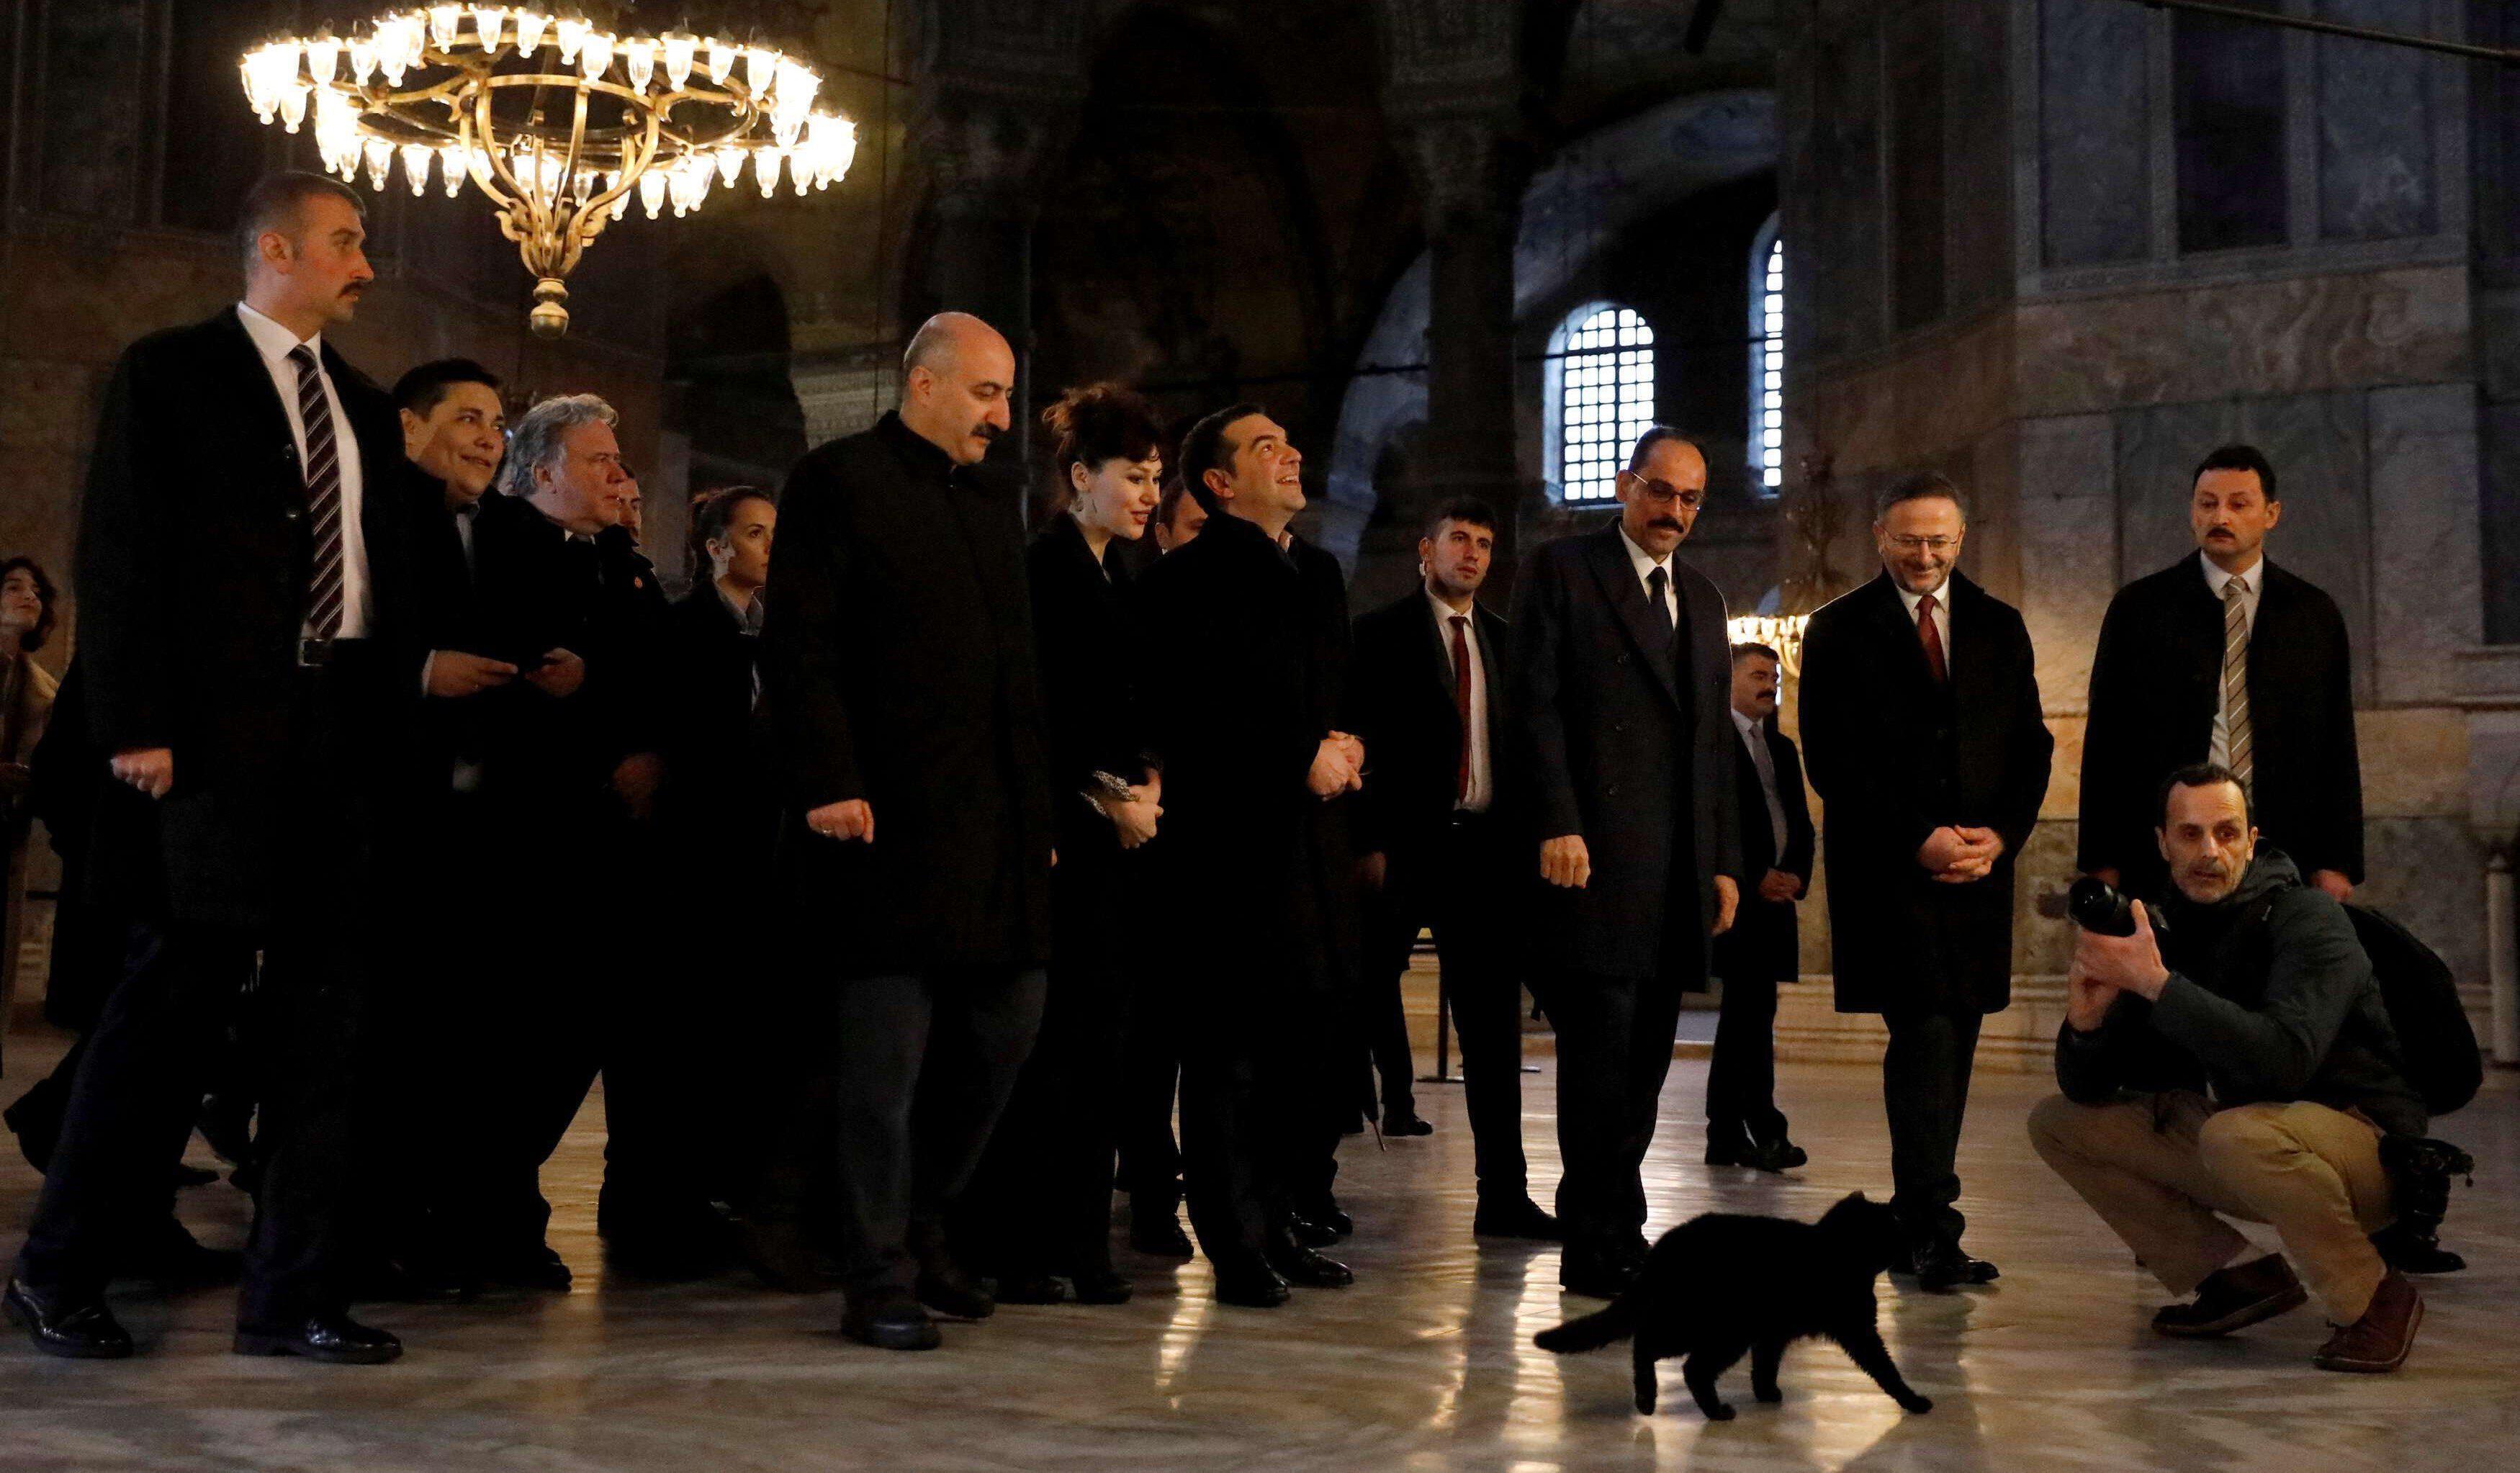 Στην Αγιά Σοφιά ο άθεος Τσίπρας: Επικοινωνιακό σόου στα «κόκκαλα» της ιστορίας – Πλάι-πλάι με το «δεξί χέρι» του Ερντογάν